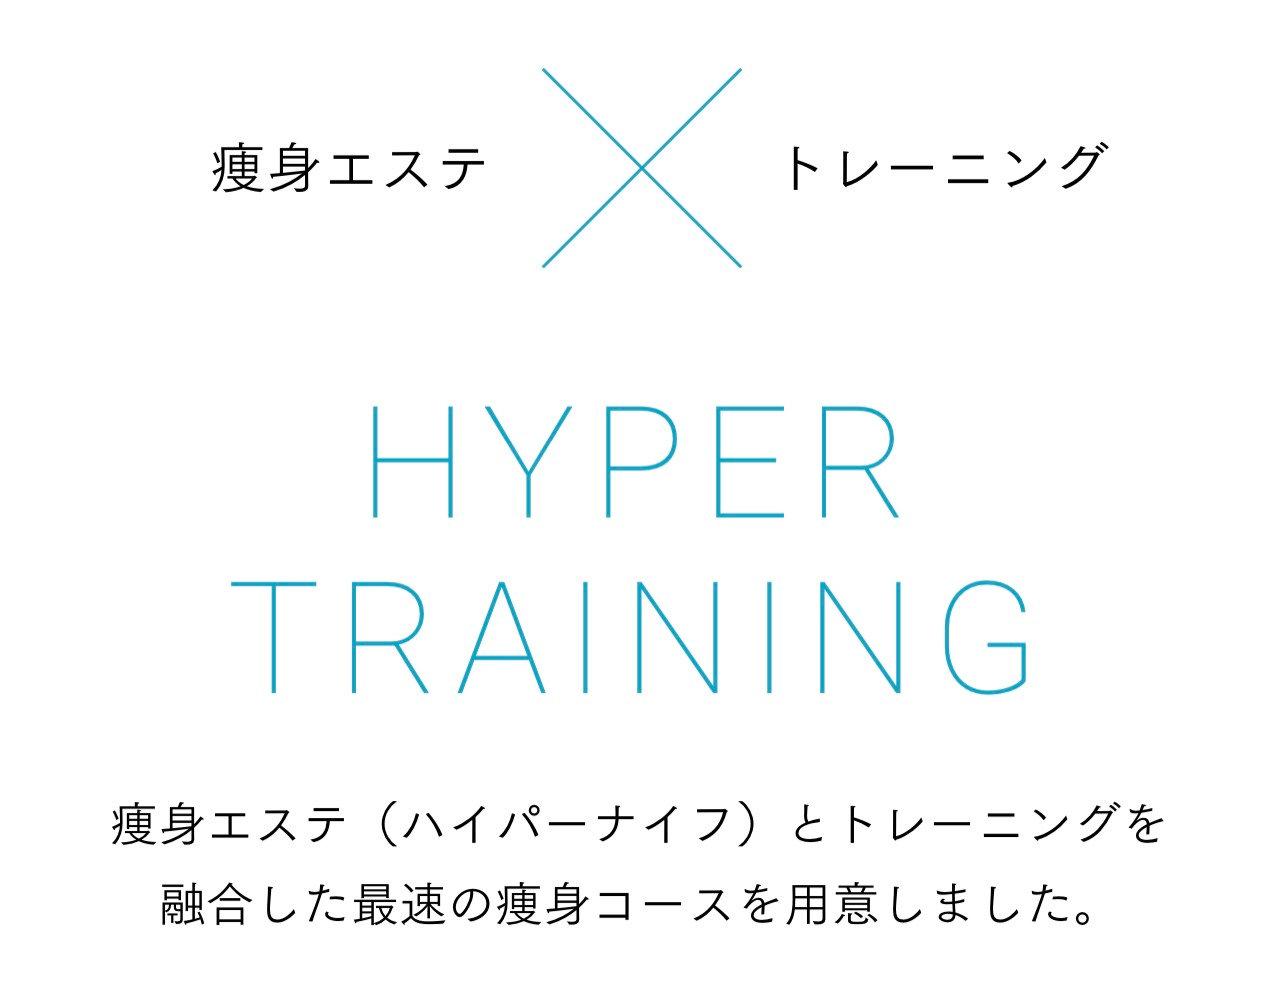 ハイパートレーニング